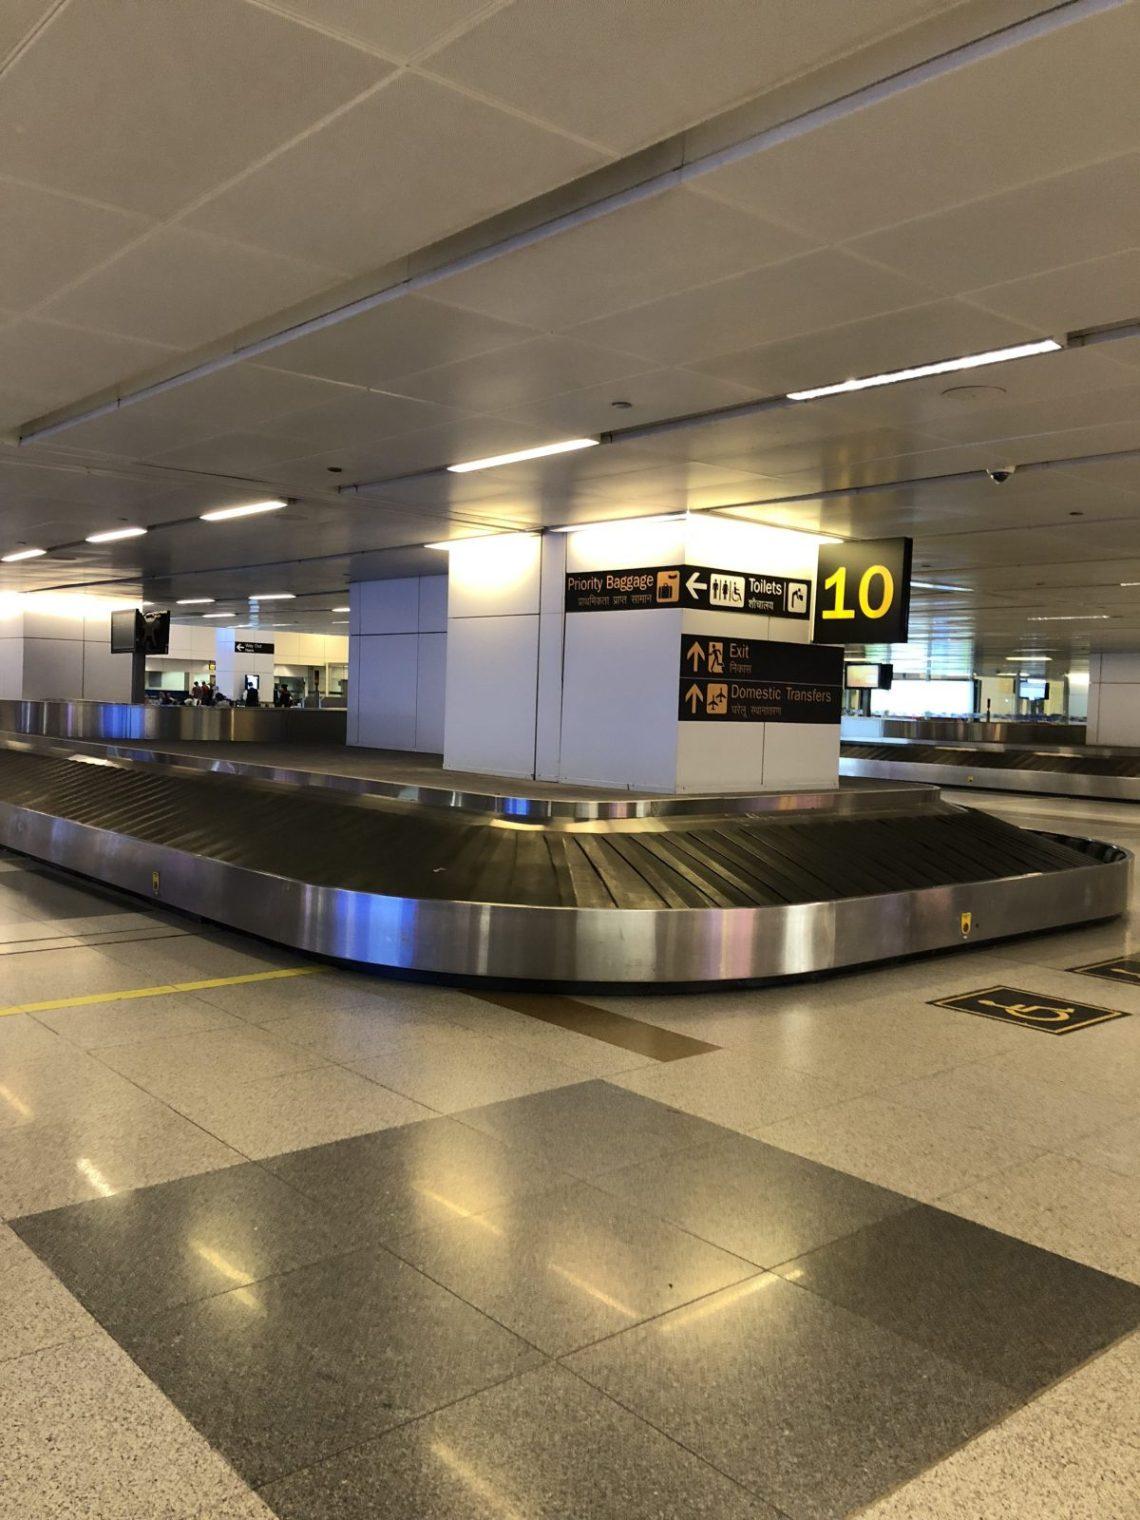 Baggage carousel at Terminal 3